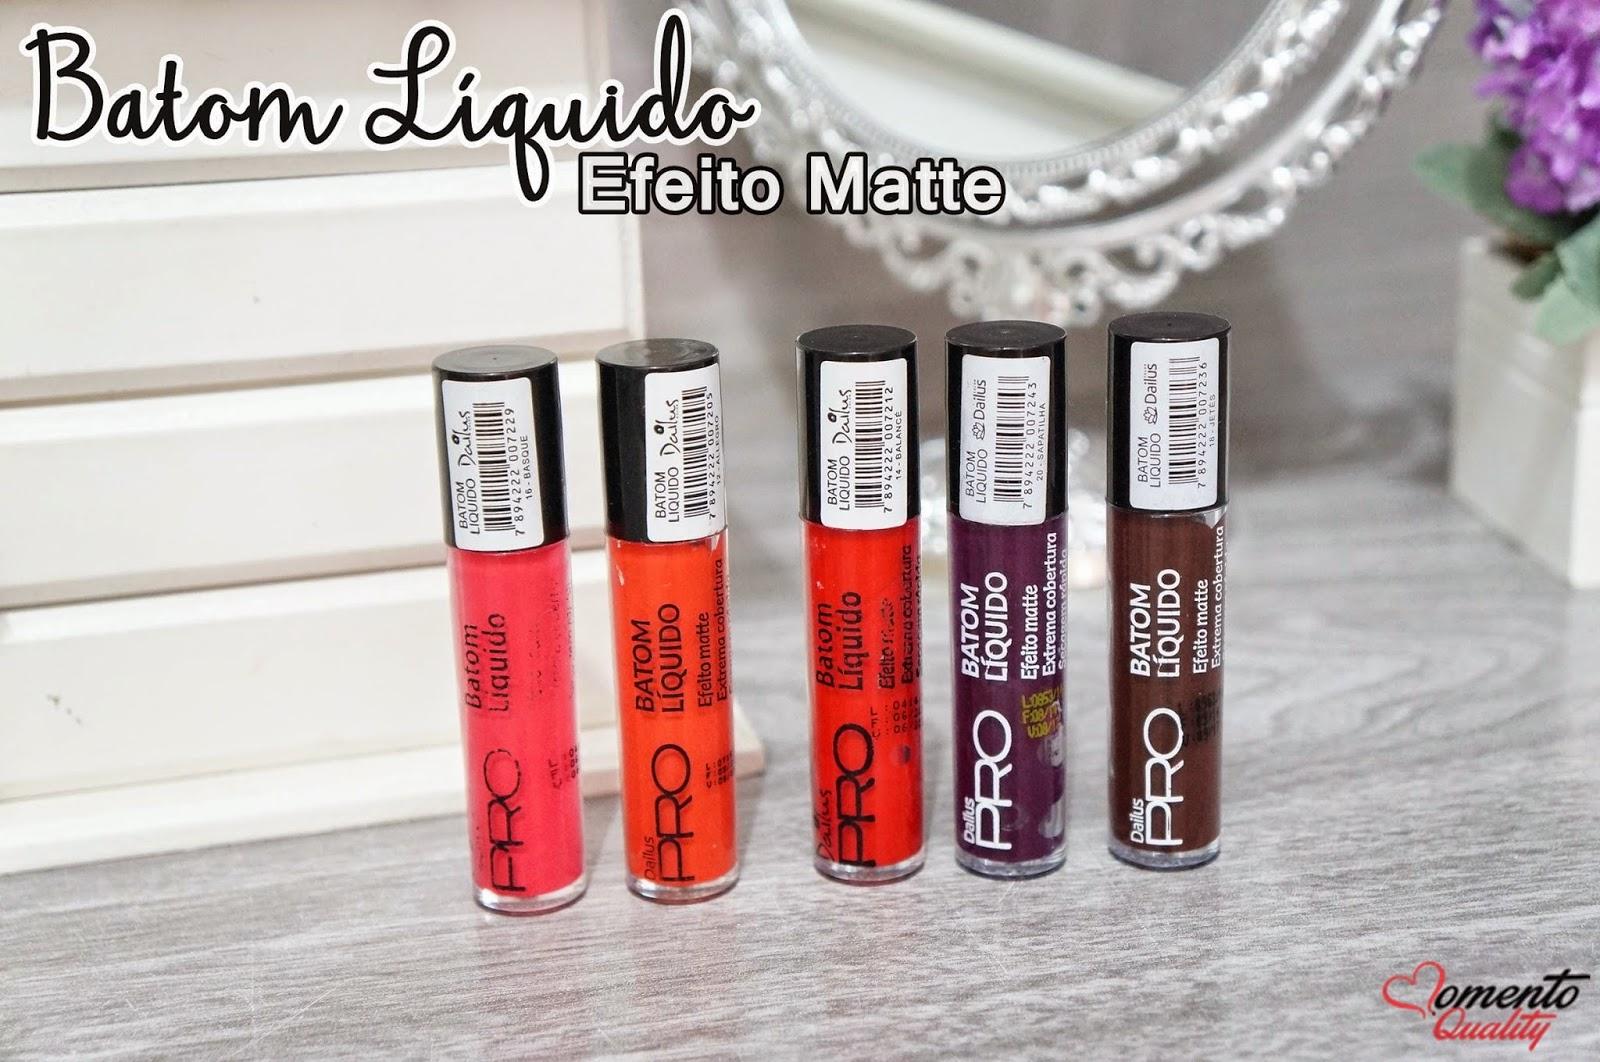 Batons Líquido Efeito Matte - Dailus Pro